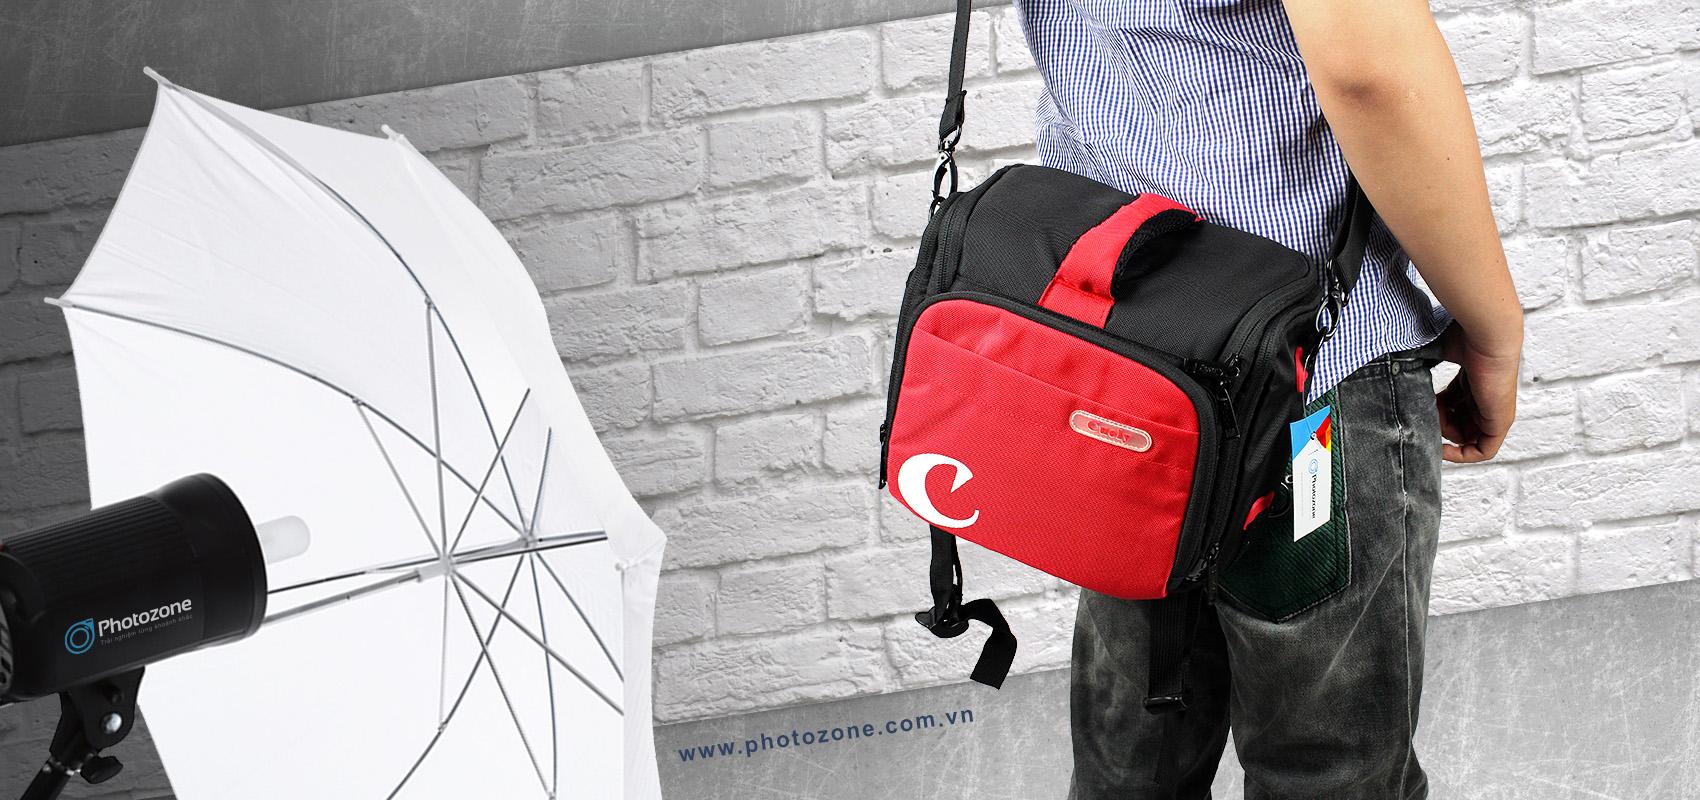 Túi đựng máy ảnh Canon C7 đen đỏ